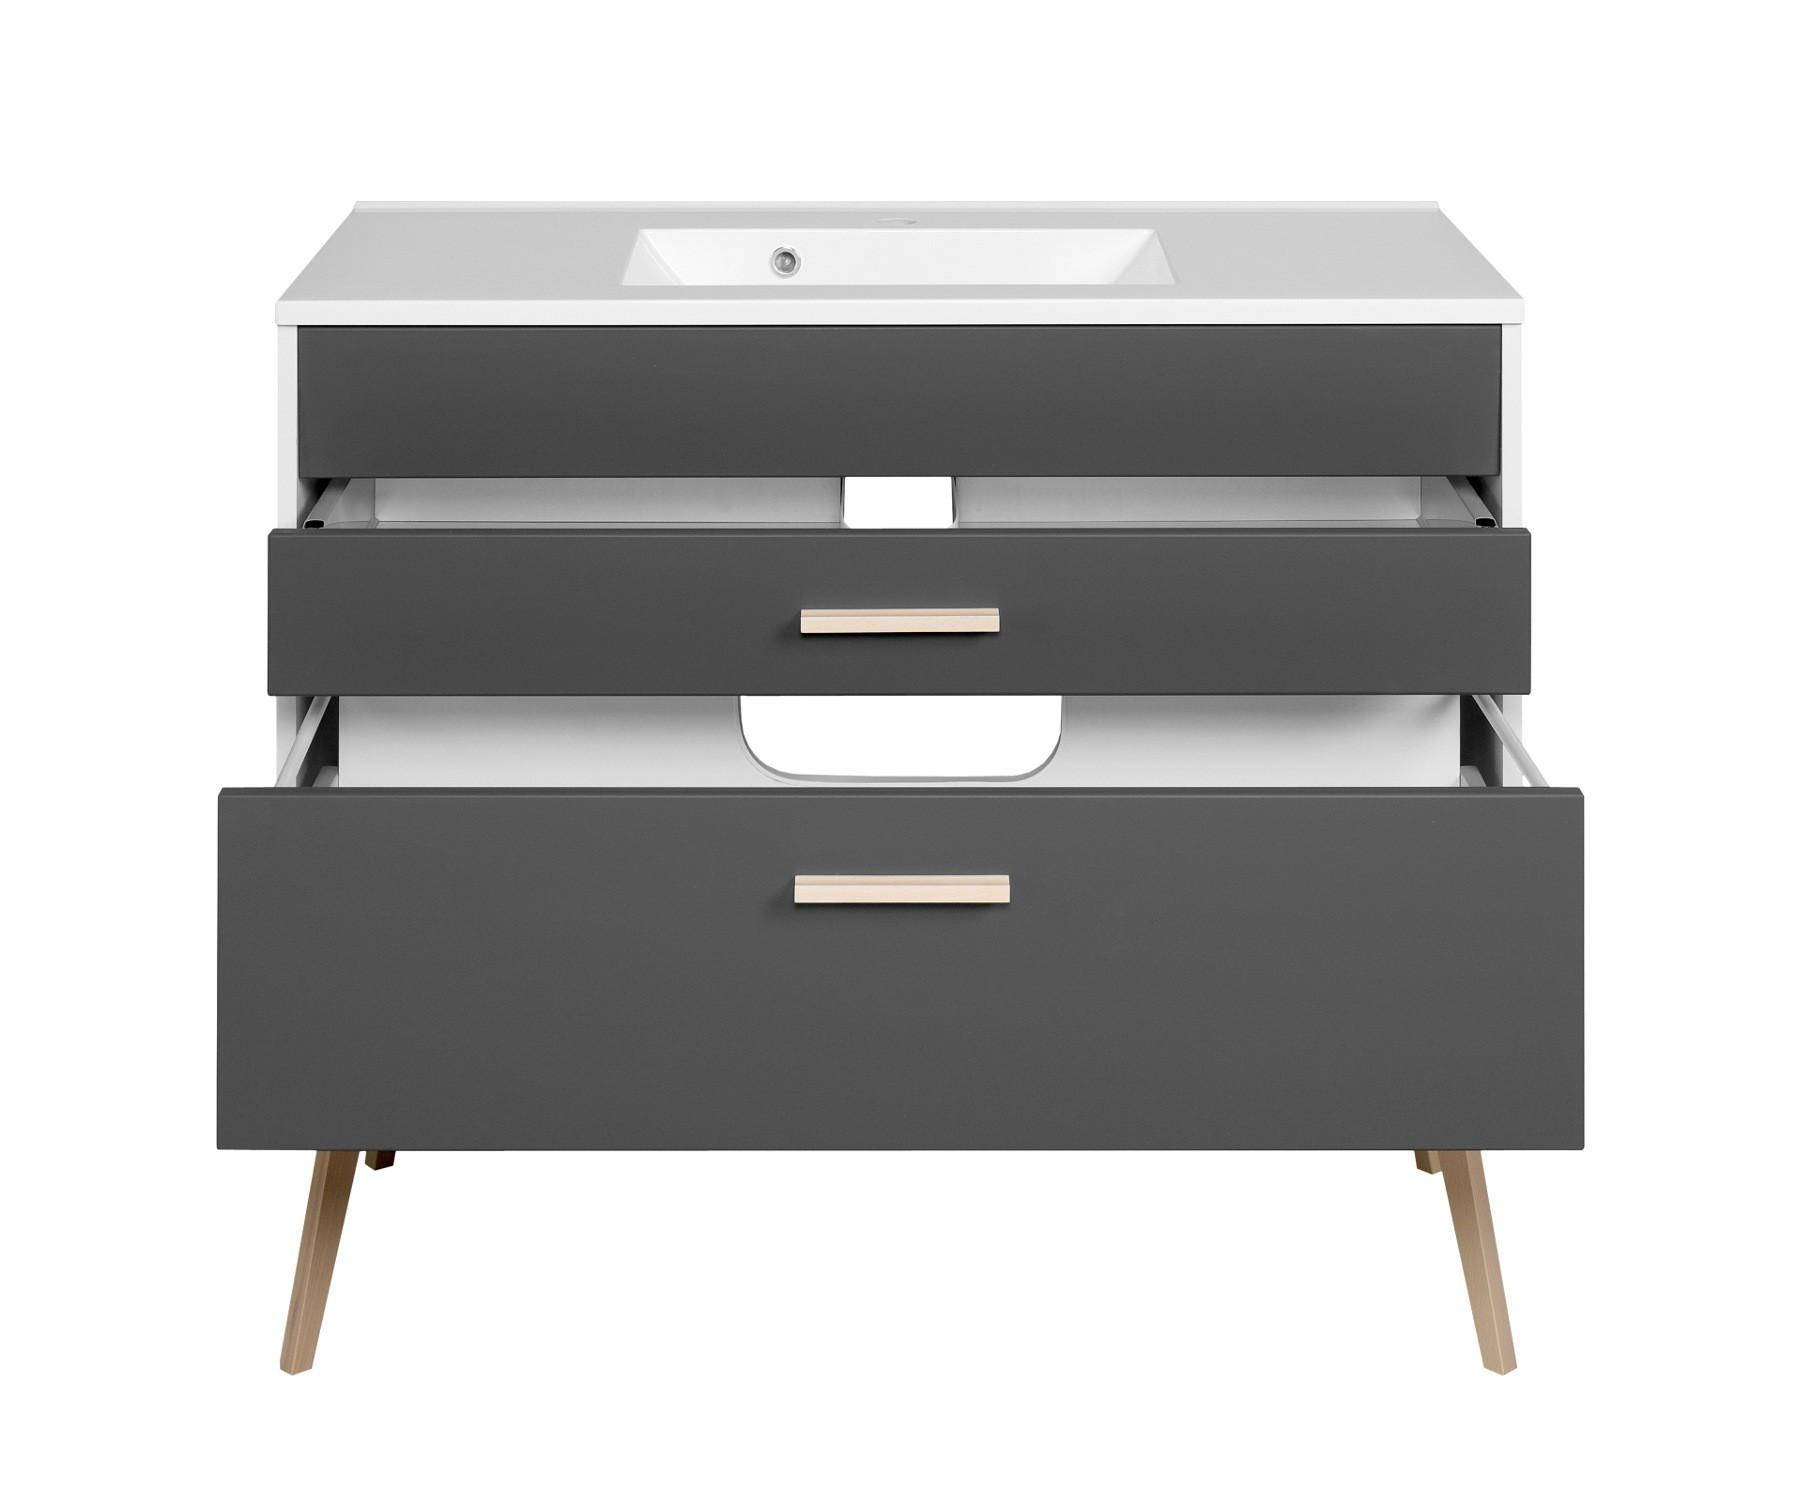 badezimmer badm belset malm 5 teiliges badset mit. Black Bedroom Furniture Sets. Home Design Ideas